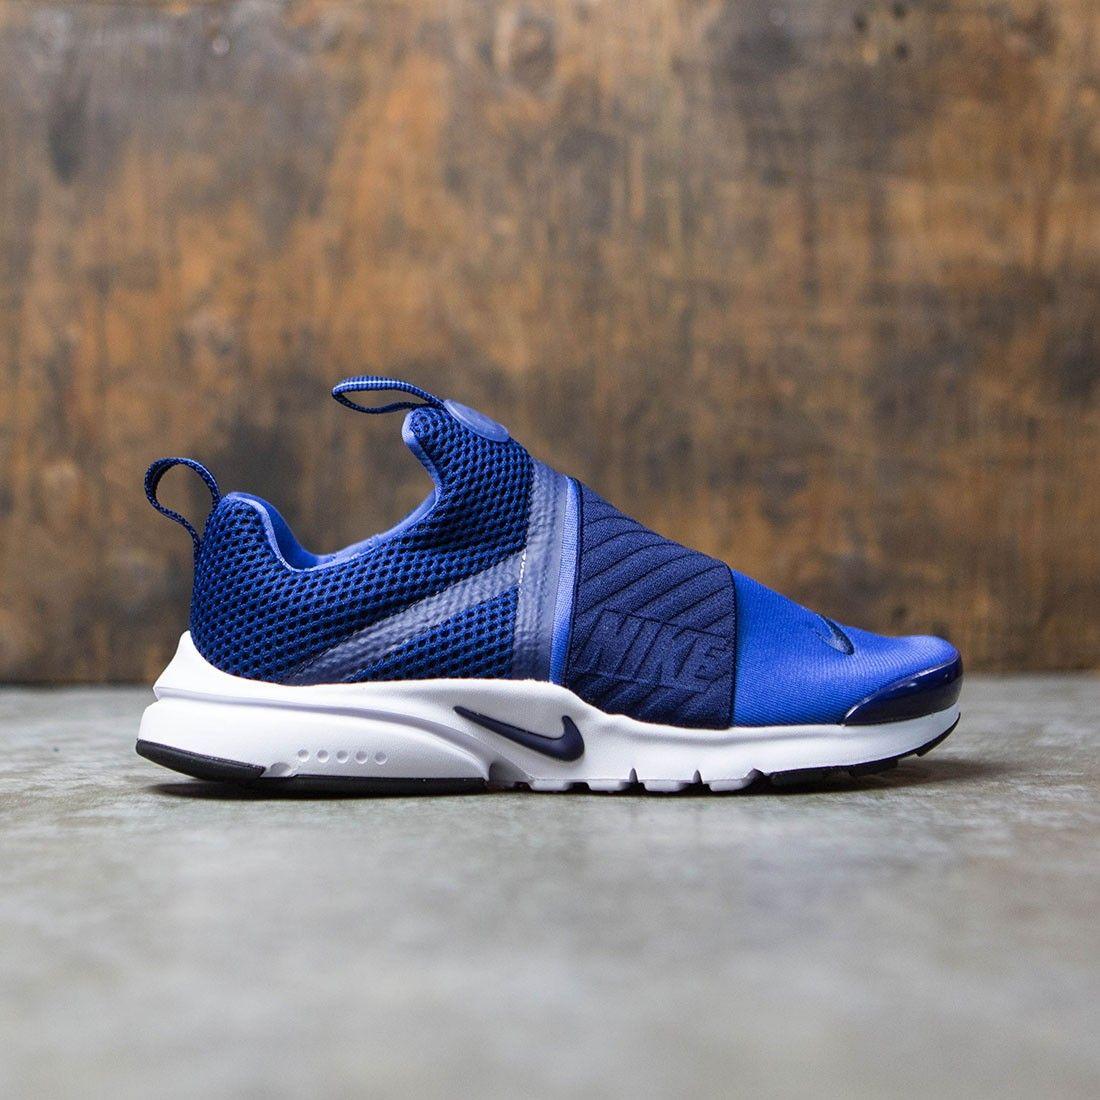 nike shoes, Nike presto, Nike shoes outfits